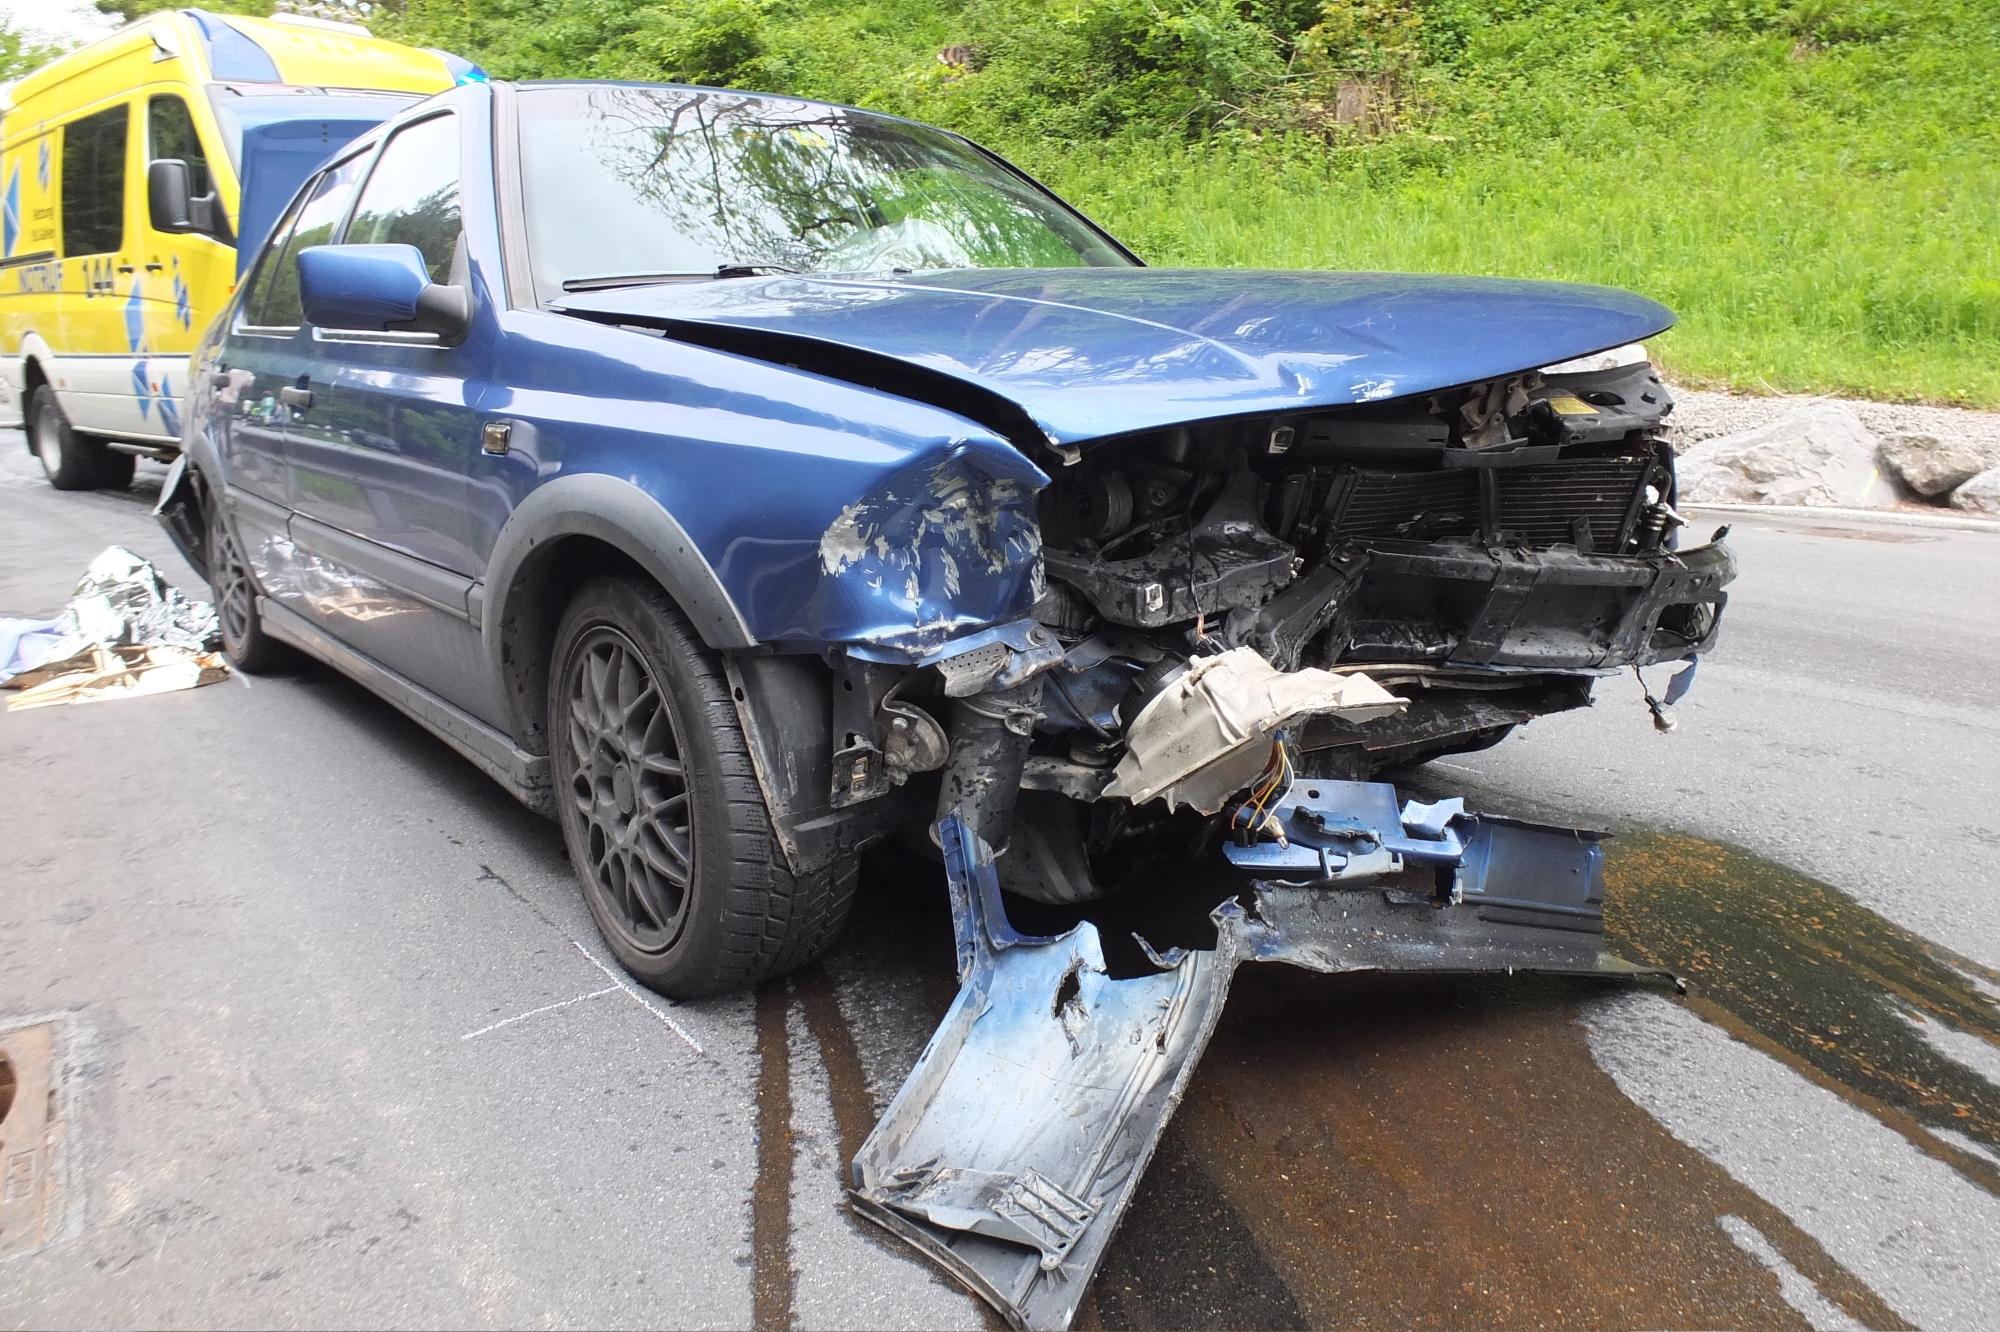 Gams SG - Beifahrerin bei Unfall verletzt   Polizei-Schweiz.ch